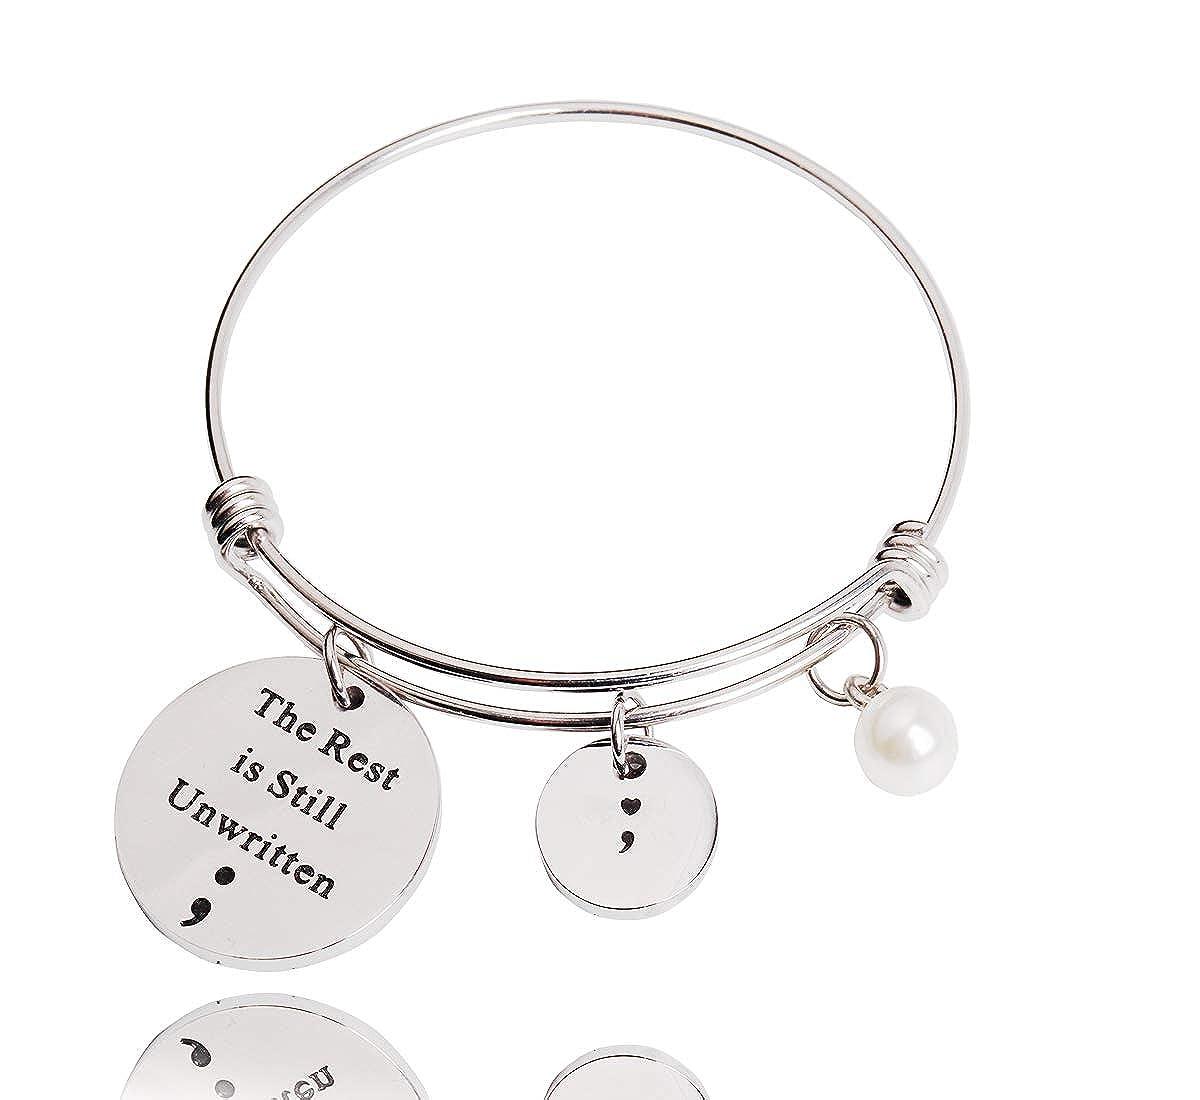 Amazon.com: REEBOOOR Semicolon Jewelry - Llavero con pulsera ...